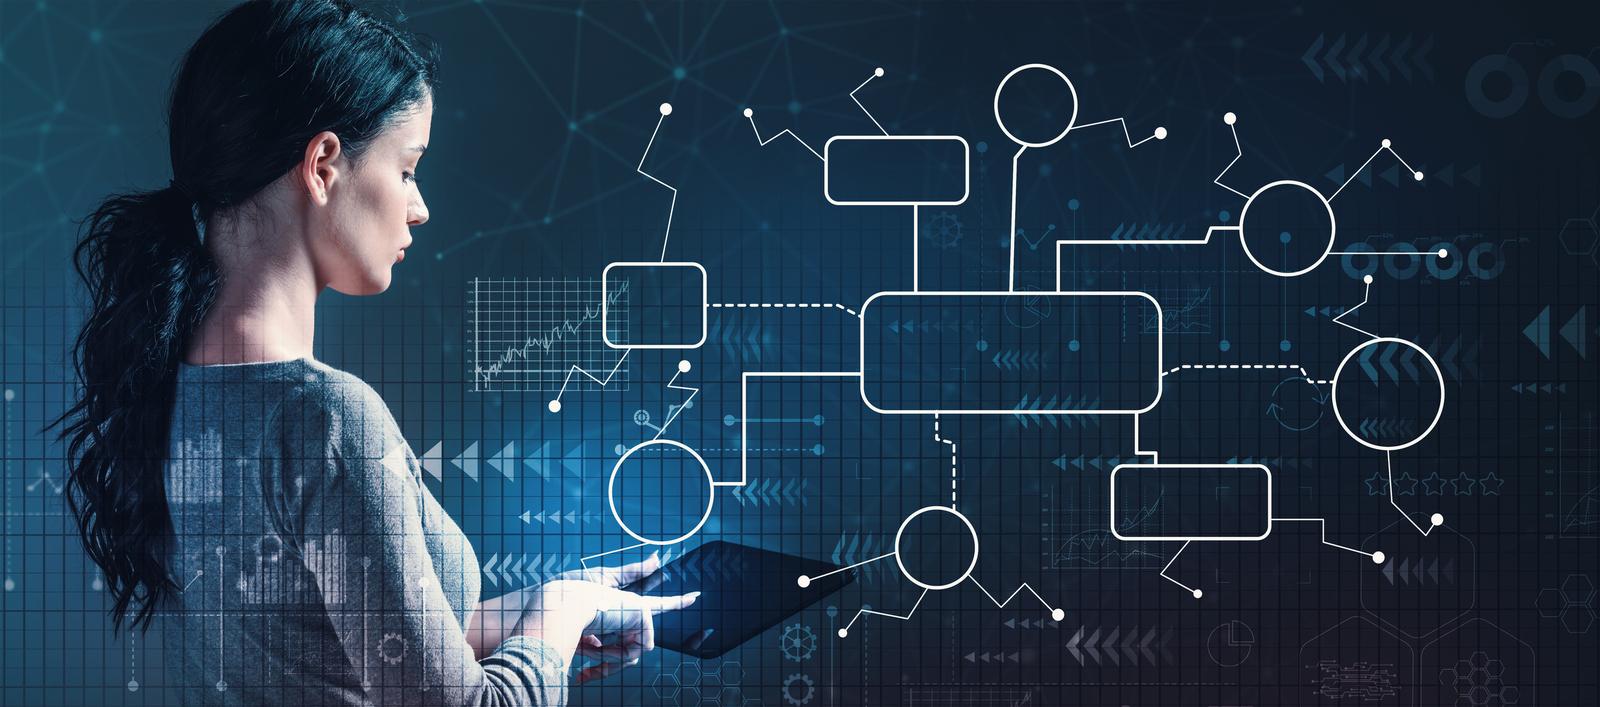 The Future of Enterprise Architecture